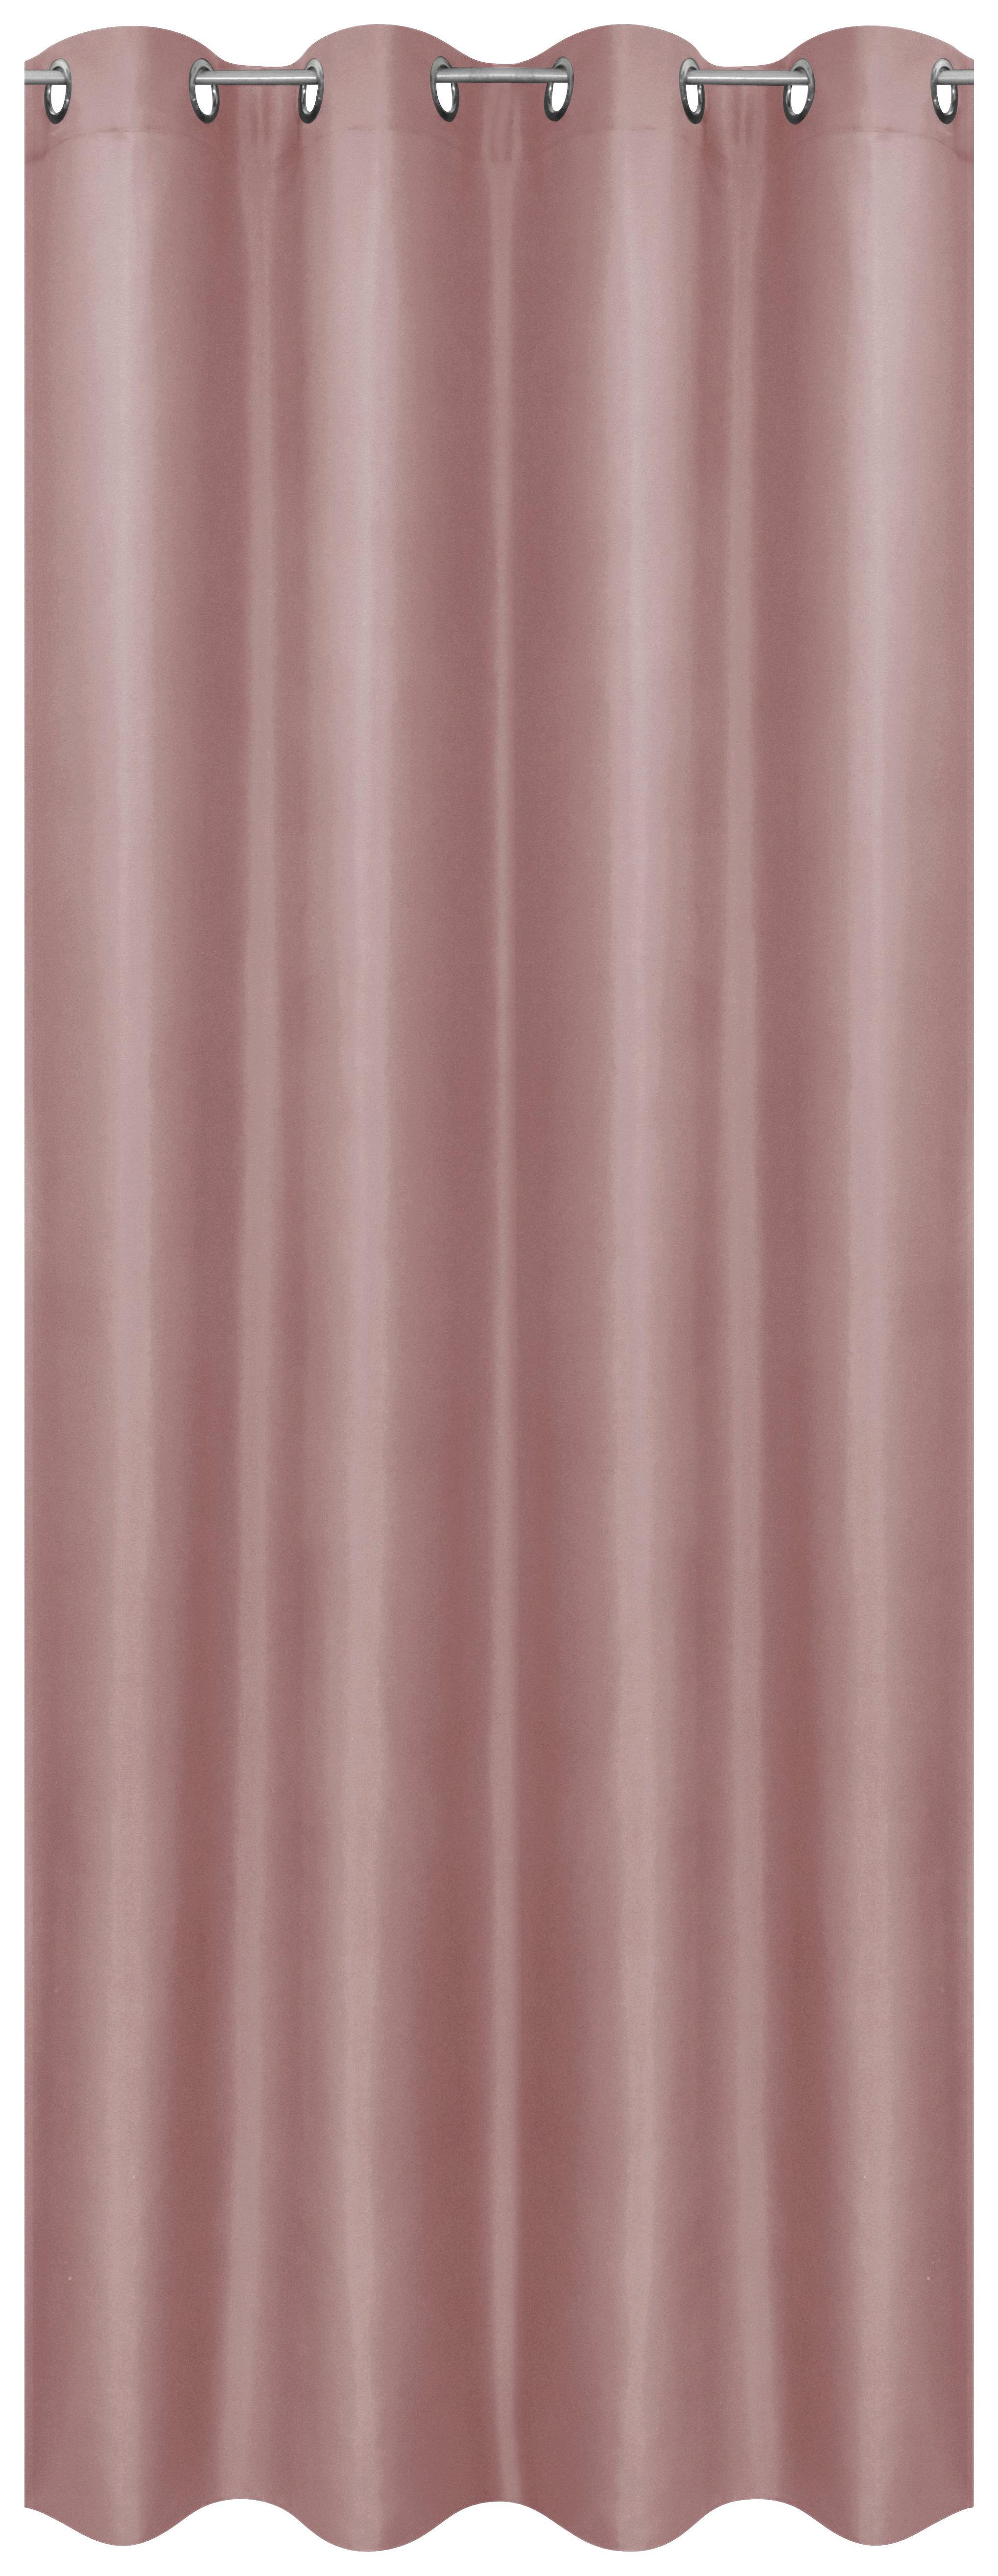 Ösenvorhang rosa